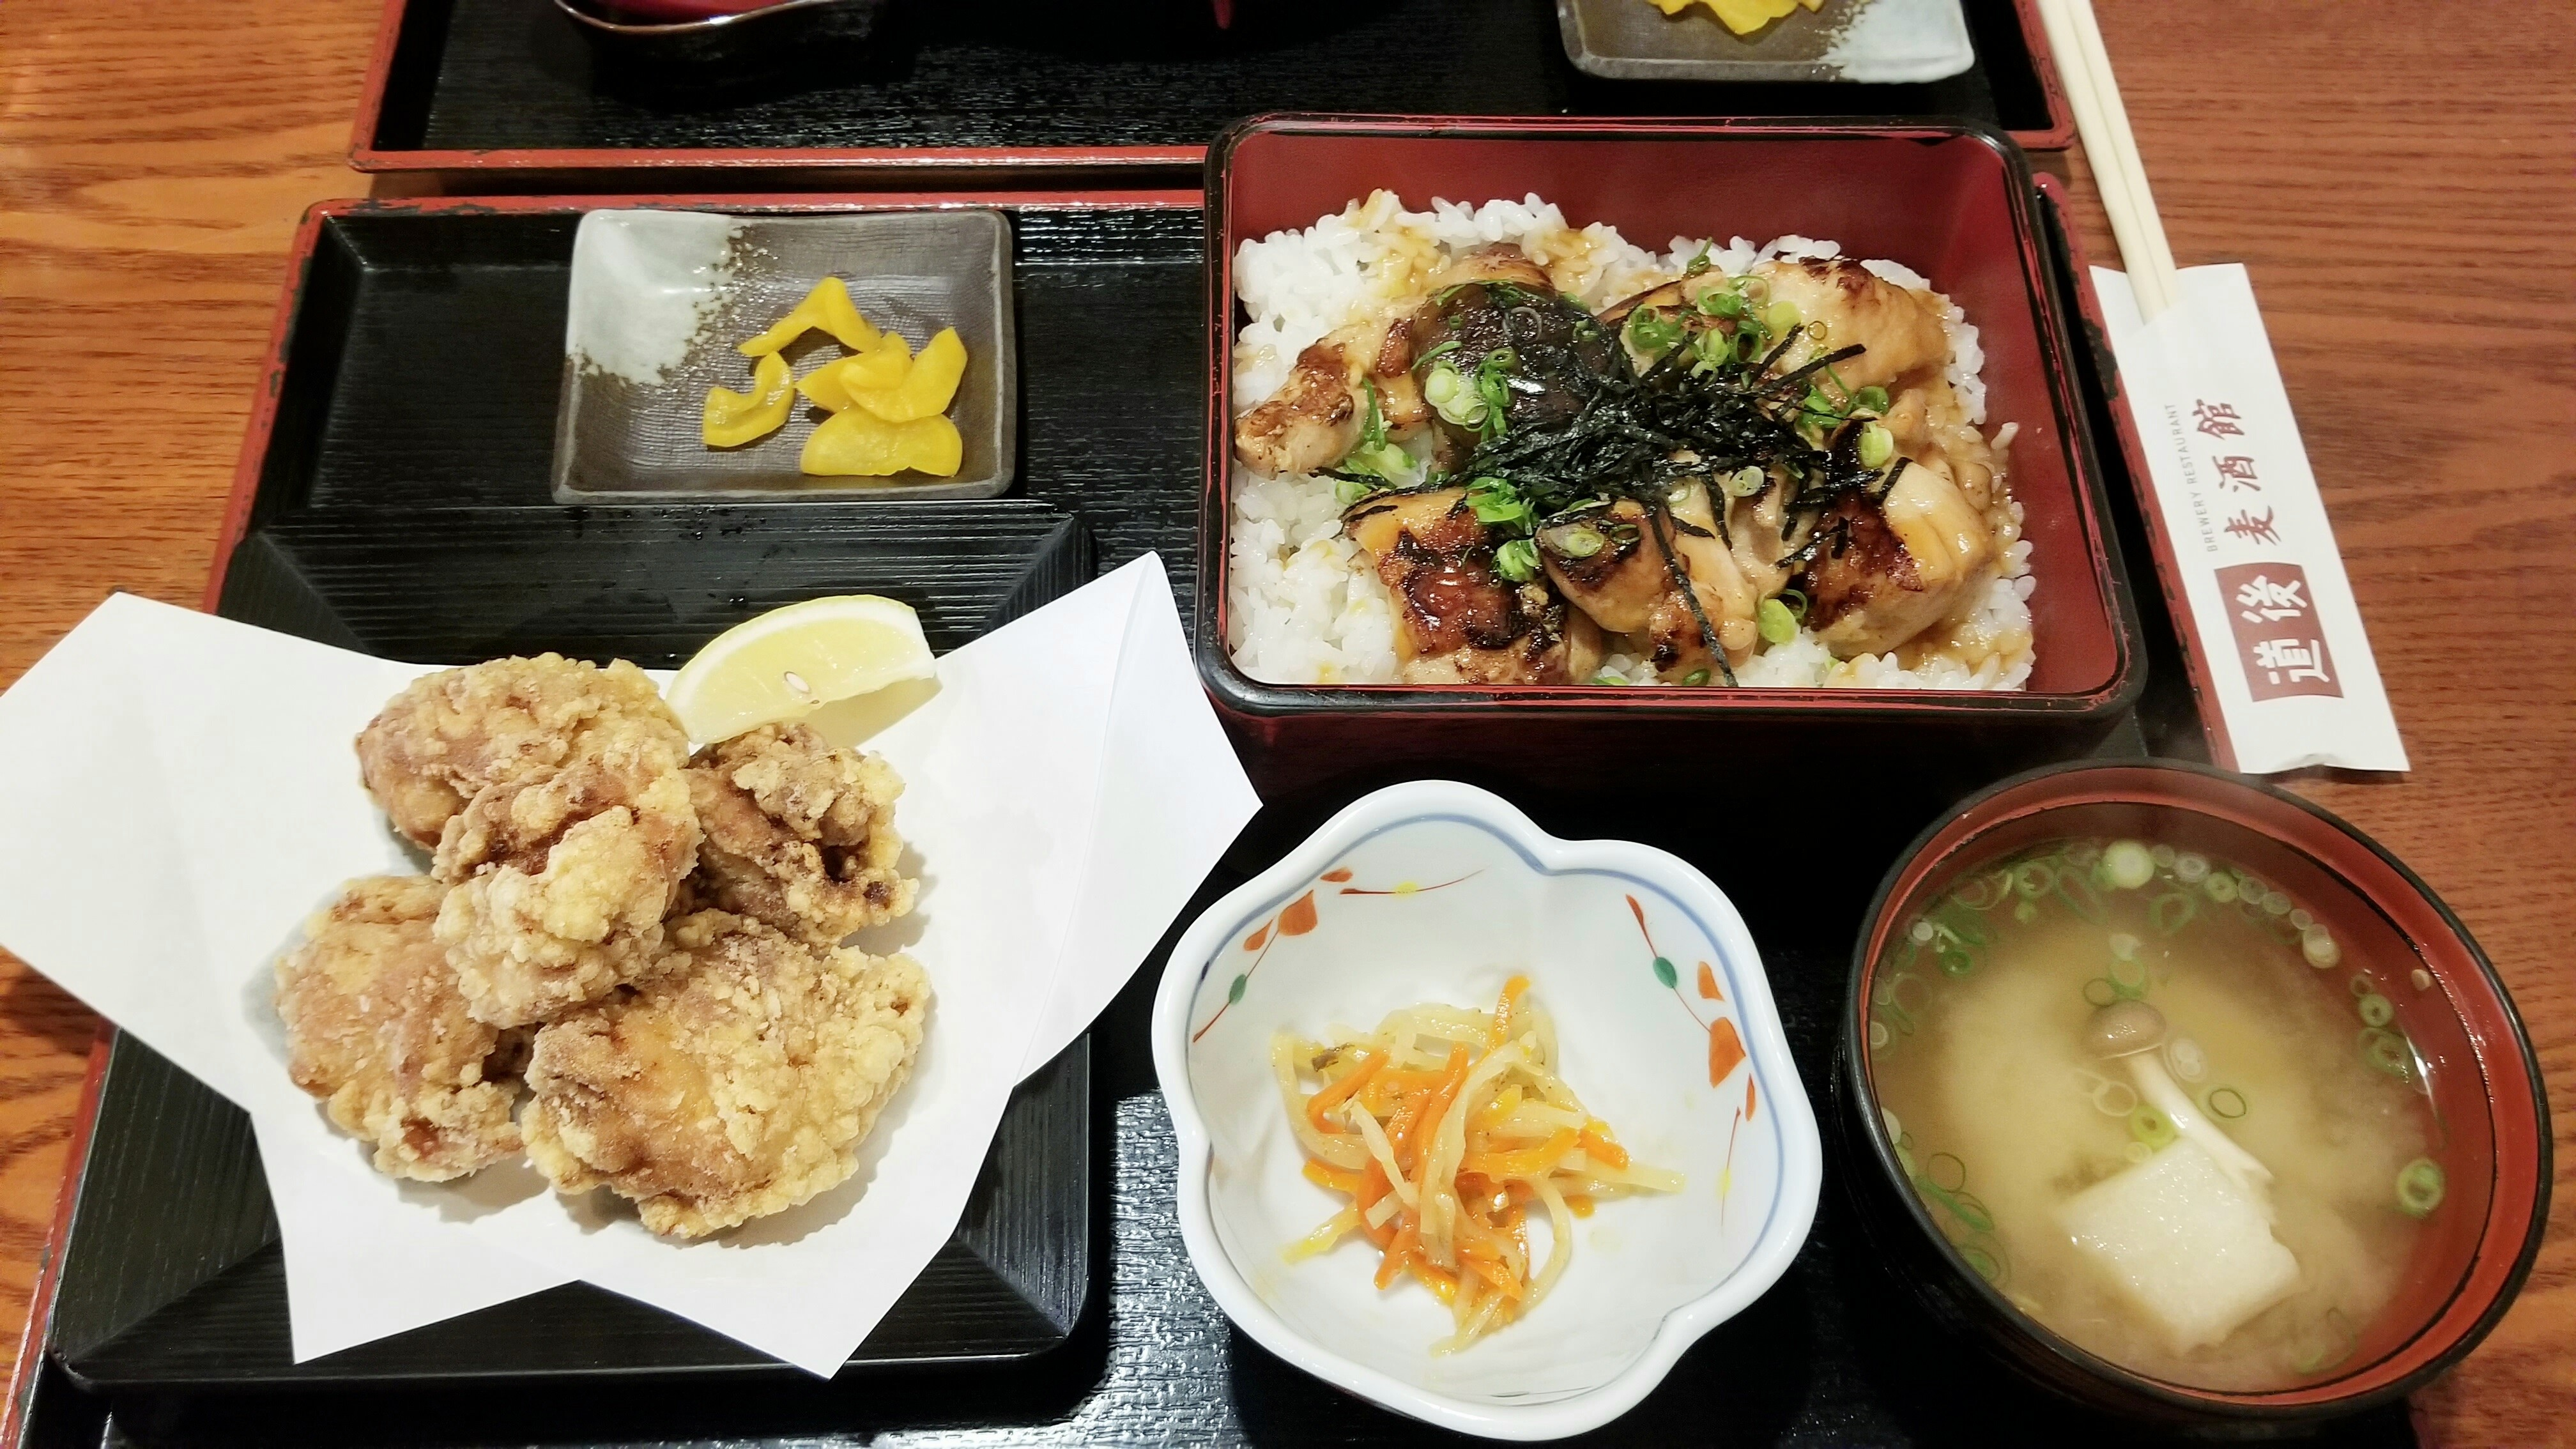 愛媛県松山市道後温泉周辺おいしいご飯肉おすすめ居酒屋観光スポット